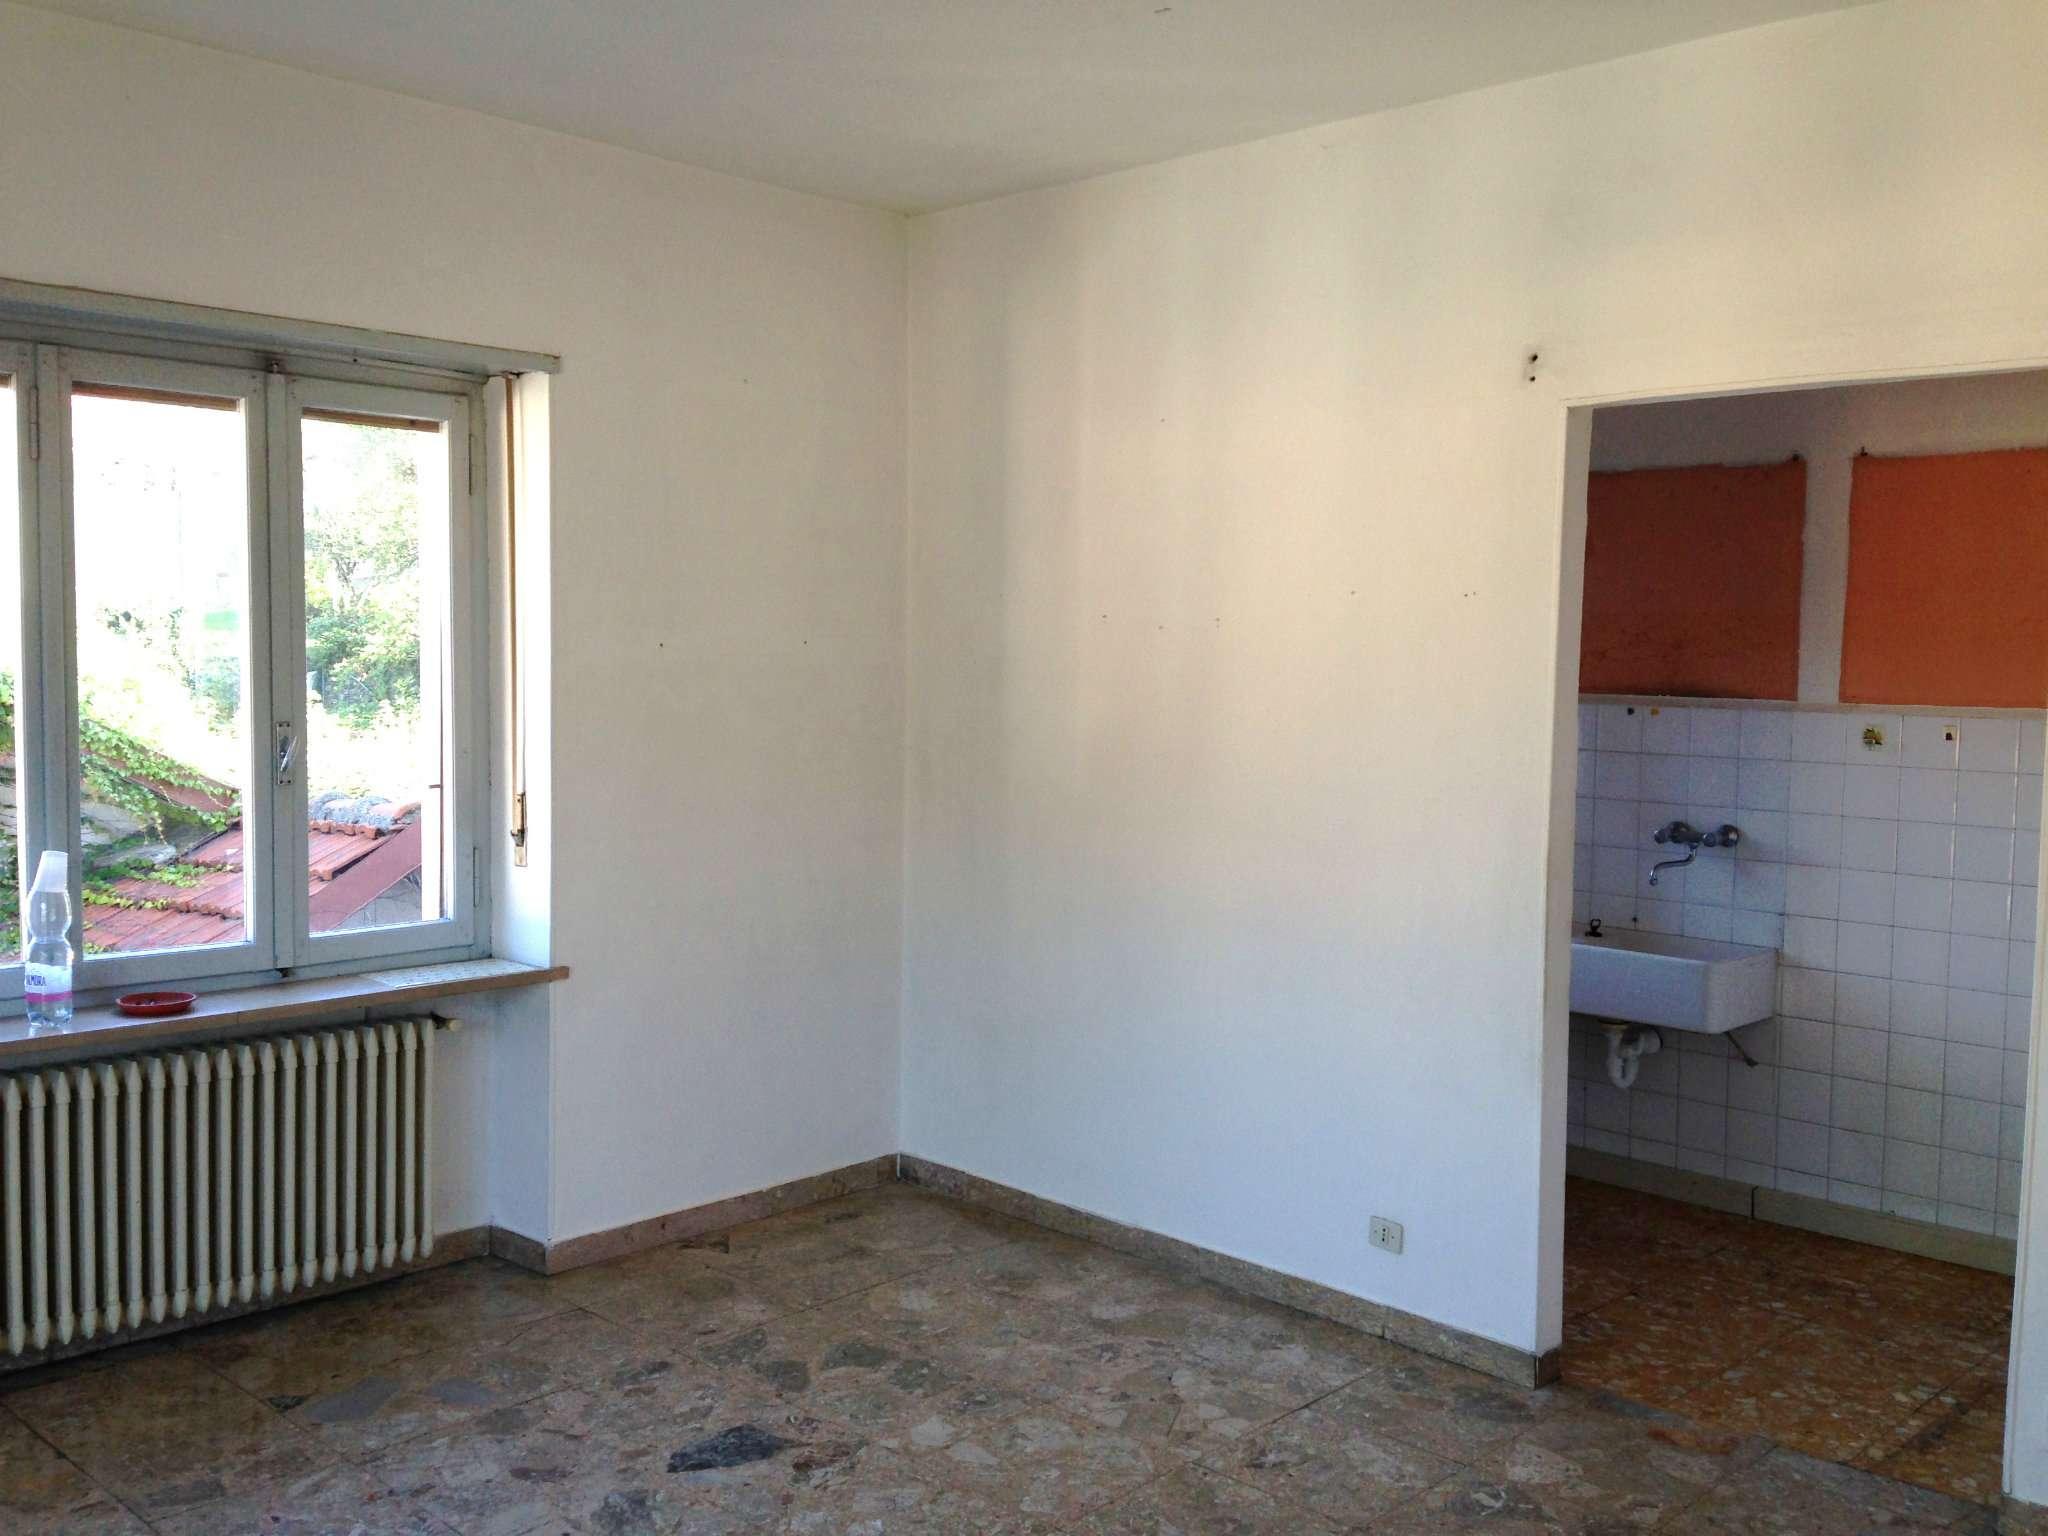 Appartamento in vendita a Villar Perosa, 3 locali, prezzo € 48.000 | Cambio Casa.it